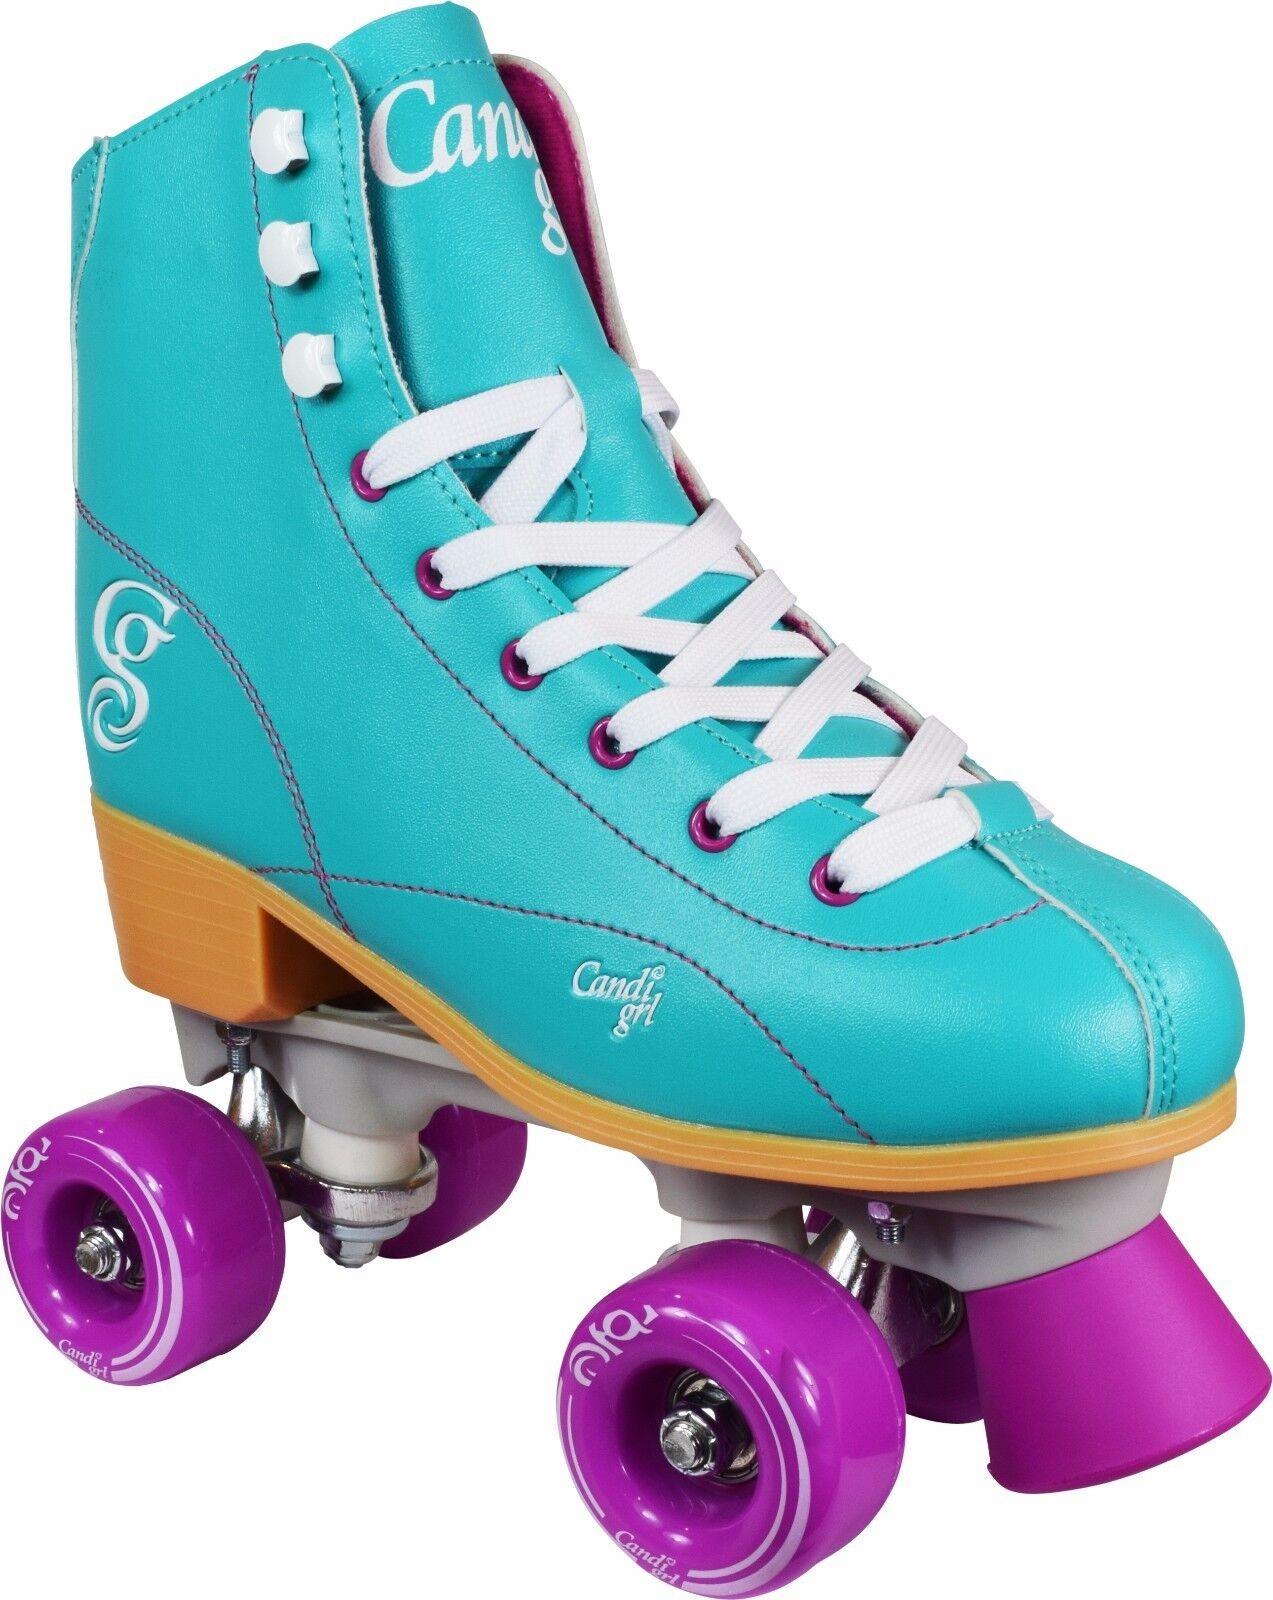 New Candi Girl Sabina Mint Roller Skates Girls Ladies Size 3 10